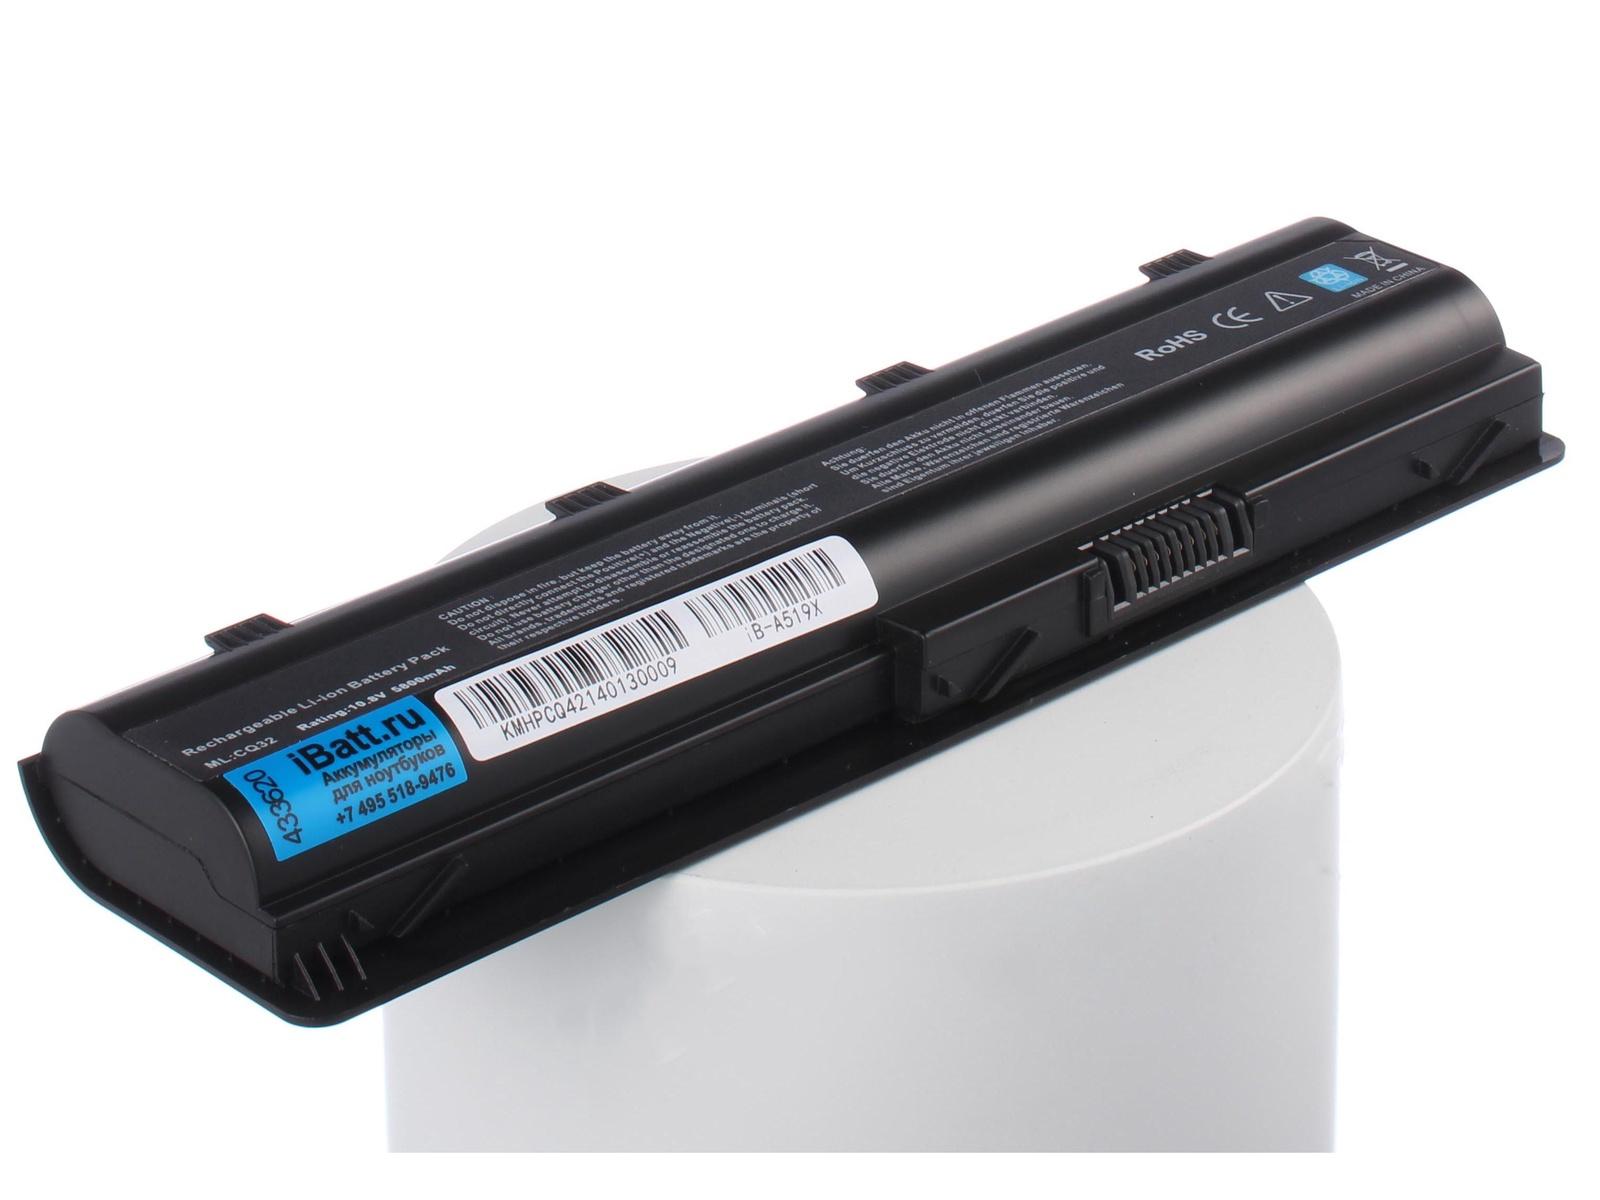 Аккумулятор для ноутбука iBatt для HP-Compaq Pavilion g7-1254sr, Pavilion g7-1255dx, Pavilion g7-2000so, Pavilion g7-2117sr, Pavilion g7-2160er, Pavilion g7-2160sf, Pavilion g7-2326er, Pavilion g7-2328sr, Presario CQ56-104ER клапан обратный ante